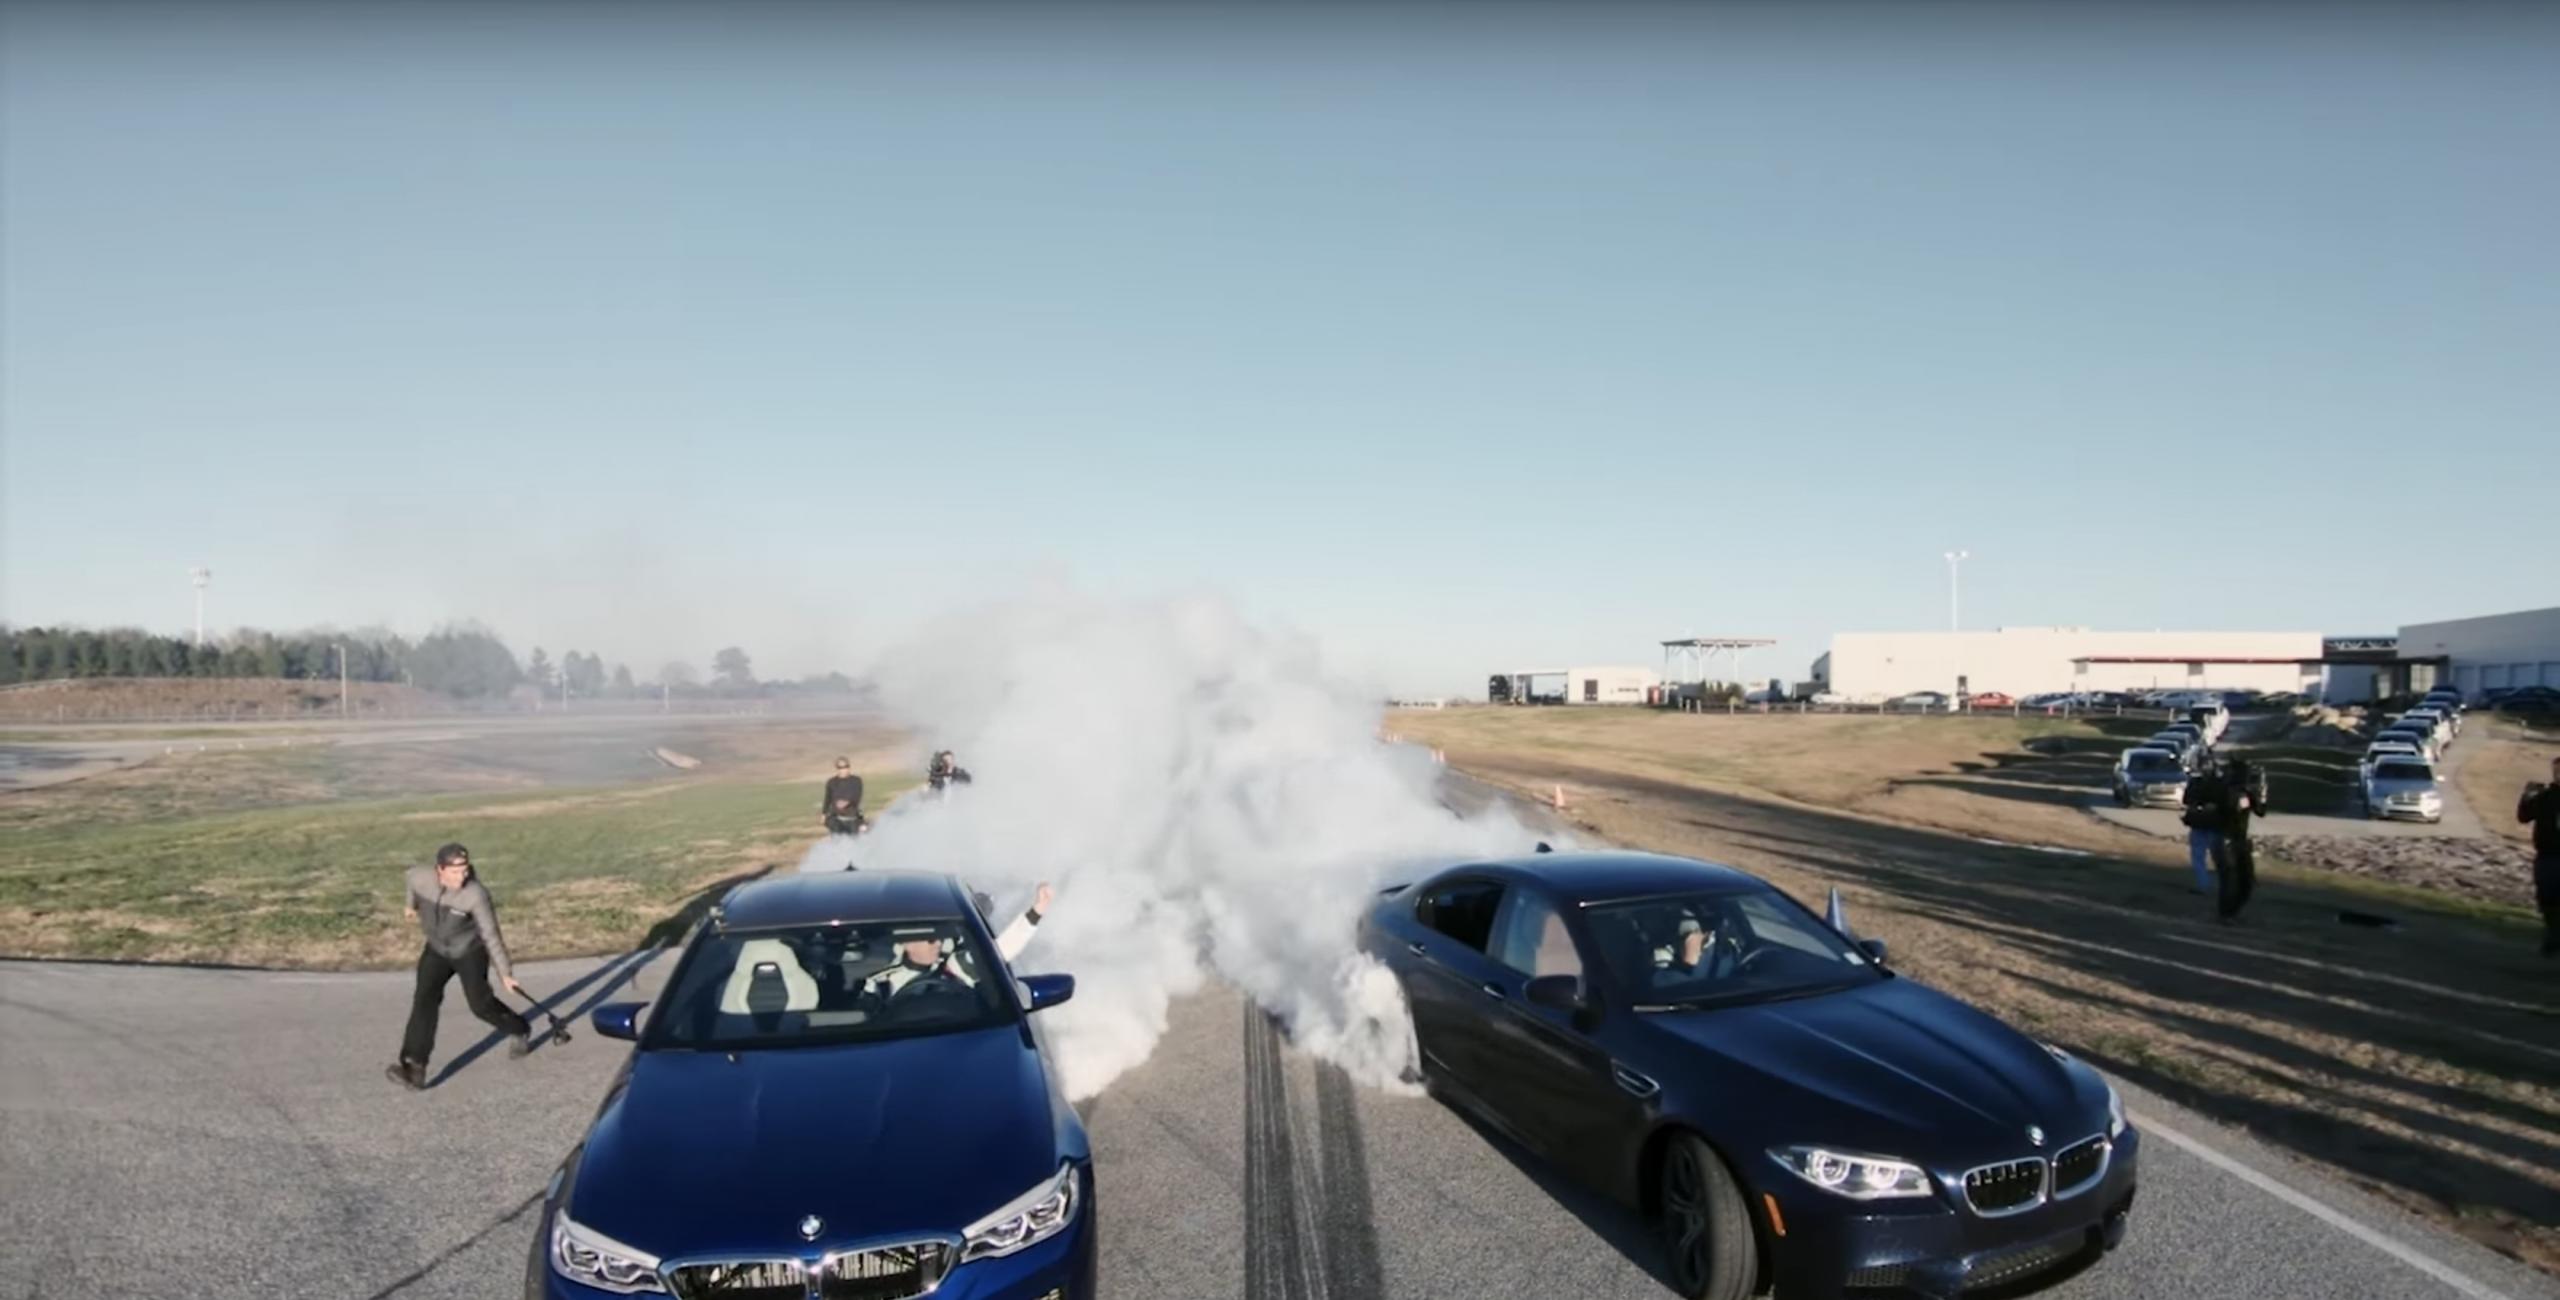 Recorde drift mais longo BMW M5 2018 Guinness Book